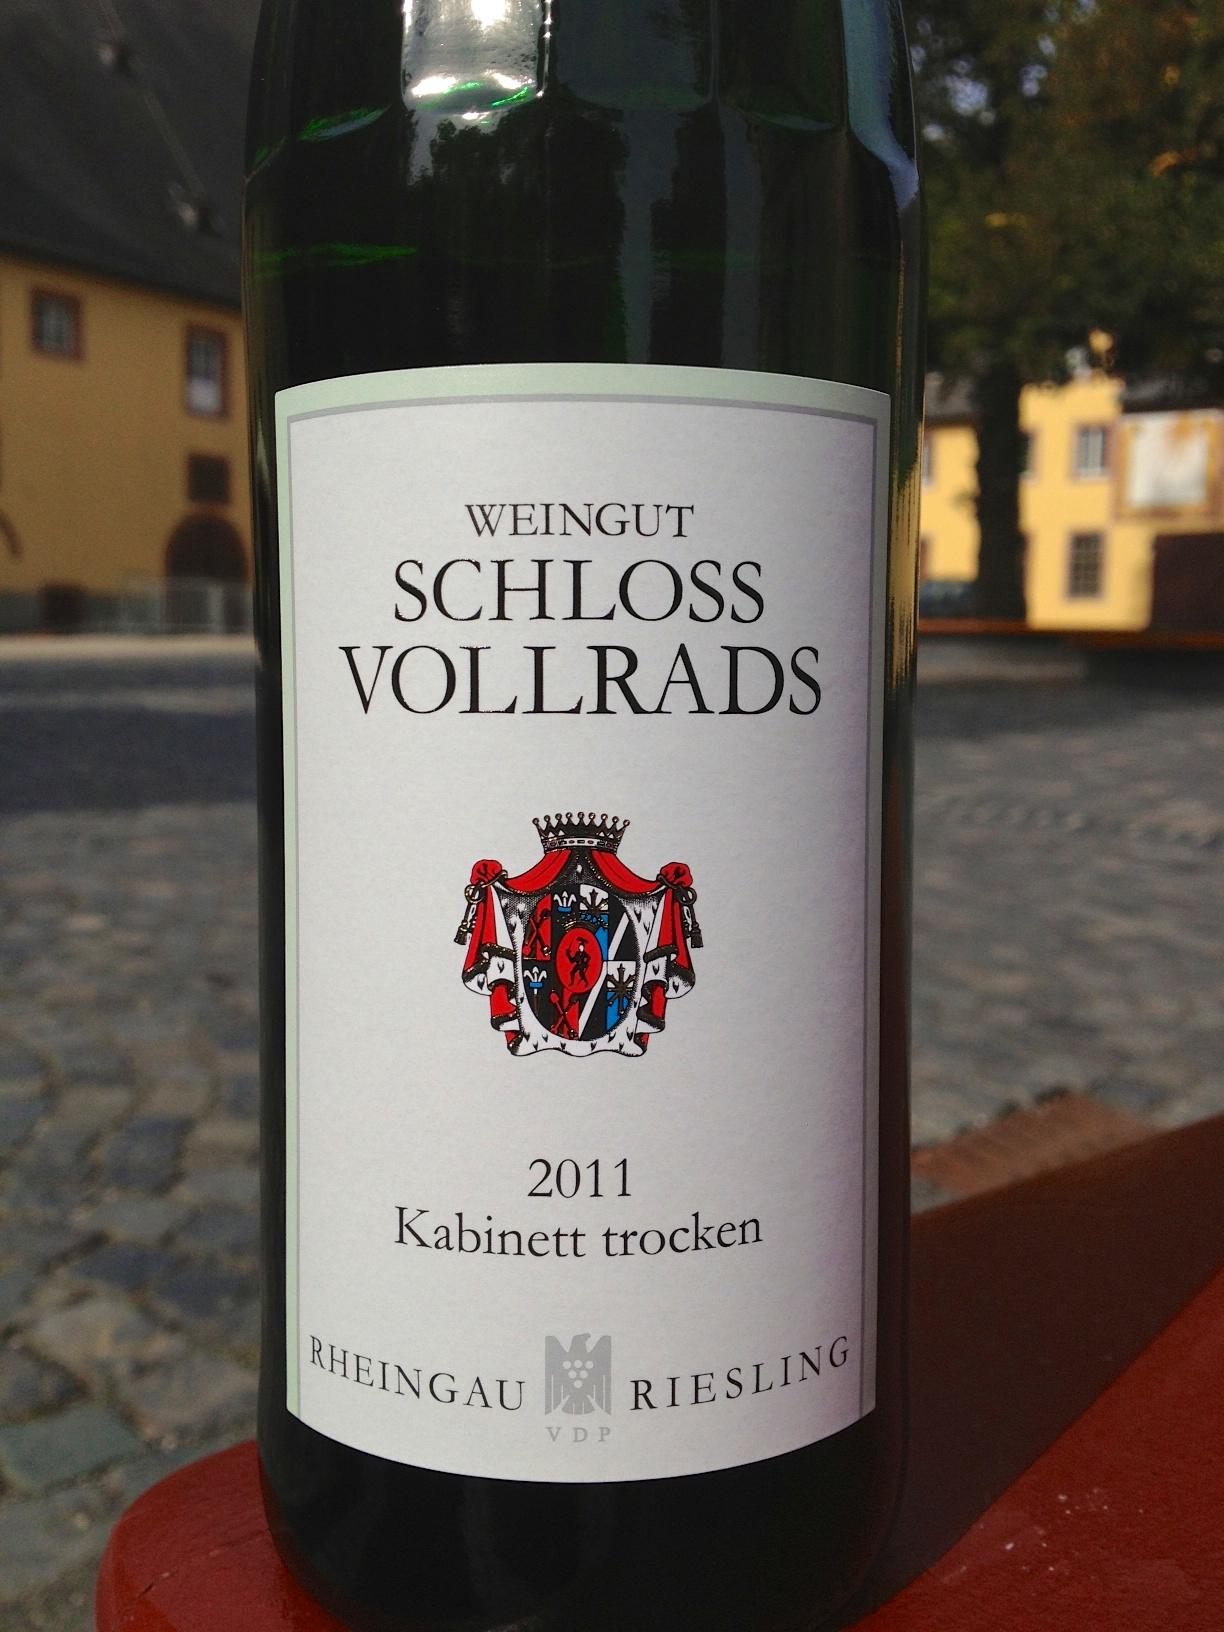 沃尔莱茨珍藏雷司令干白Schloss Vollrads Riesling Kabinett Trocken